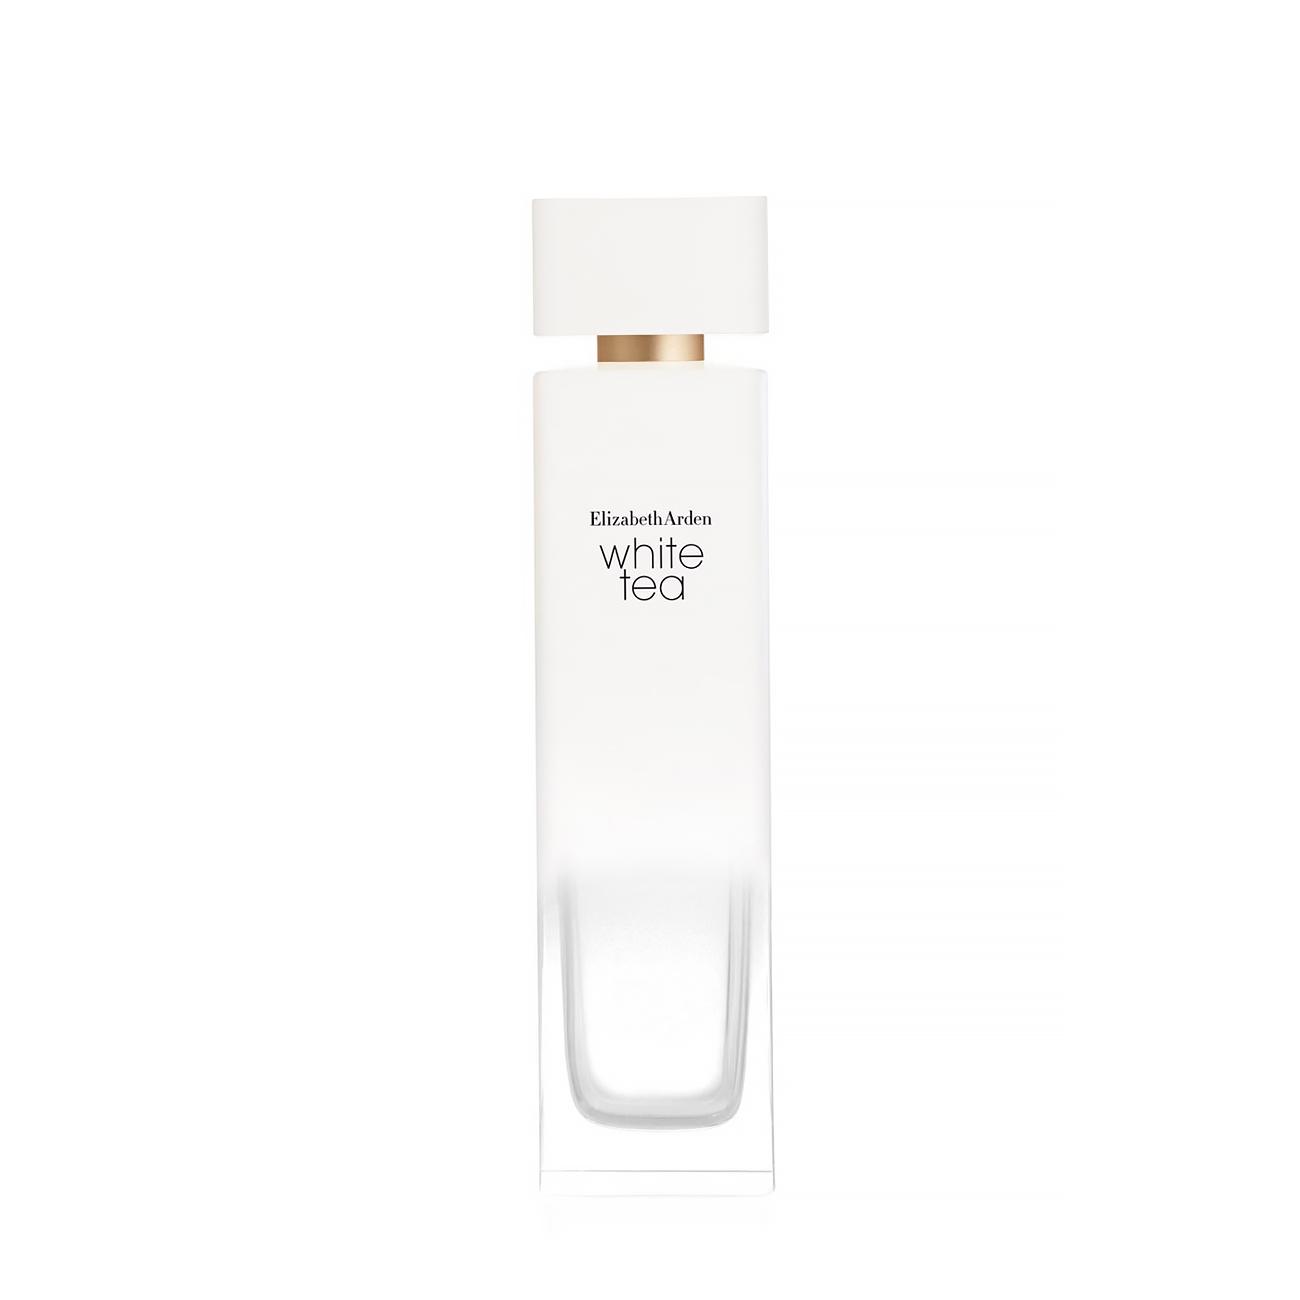 WHITE TEA 100ml imagine produs